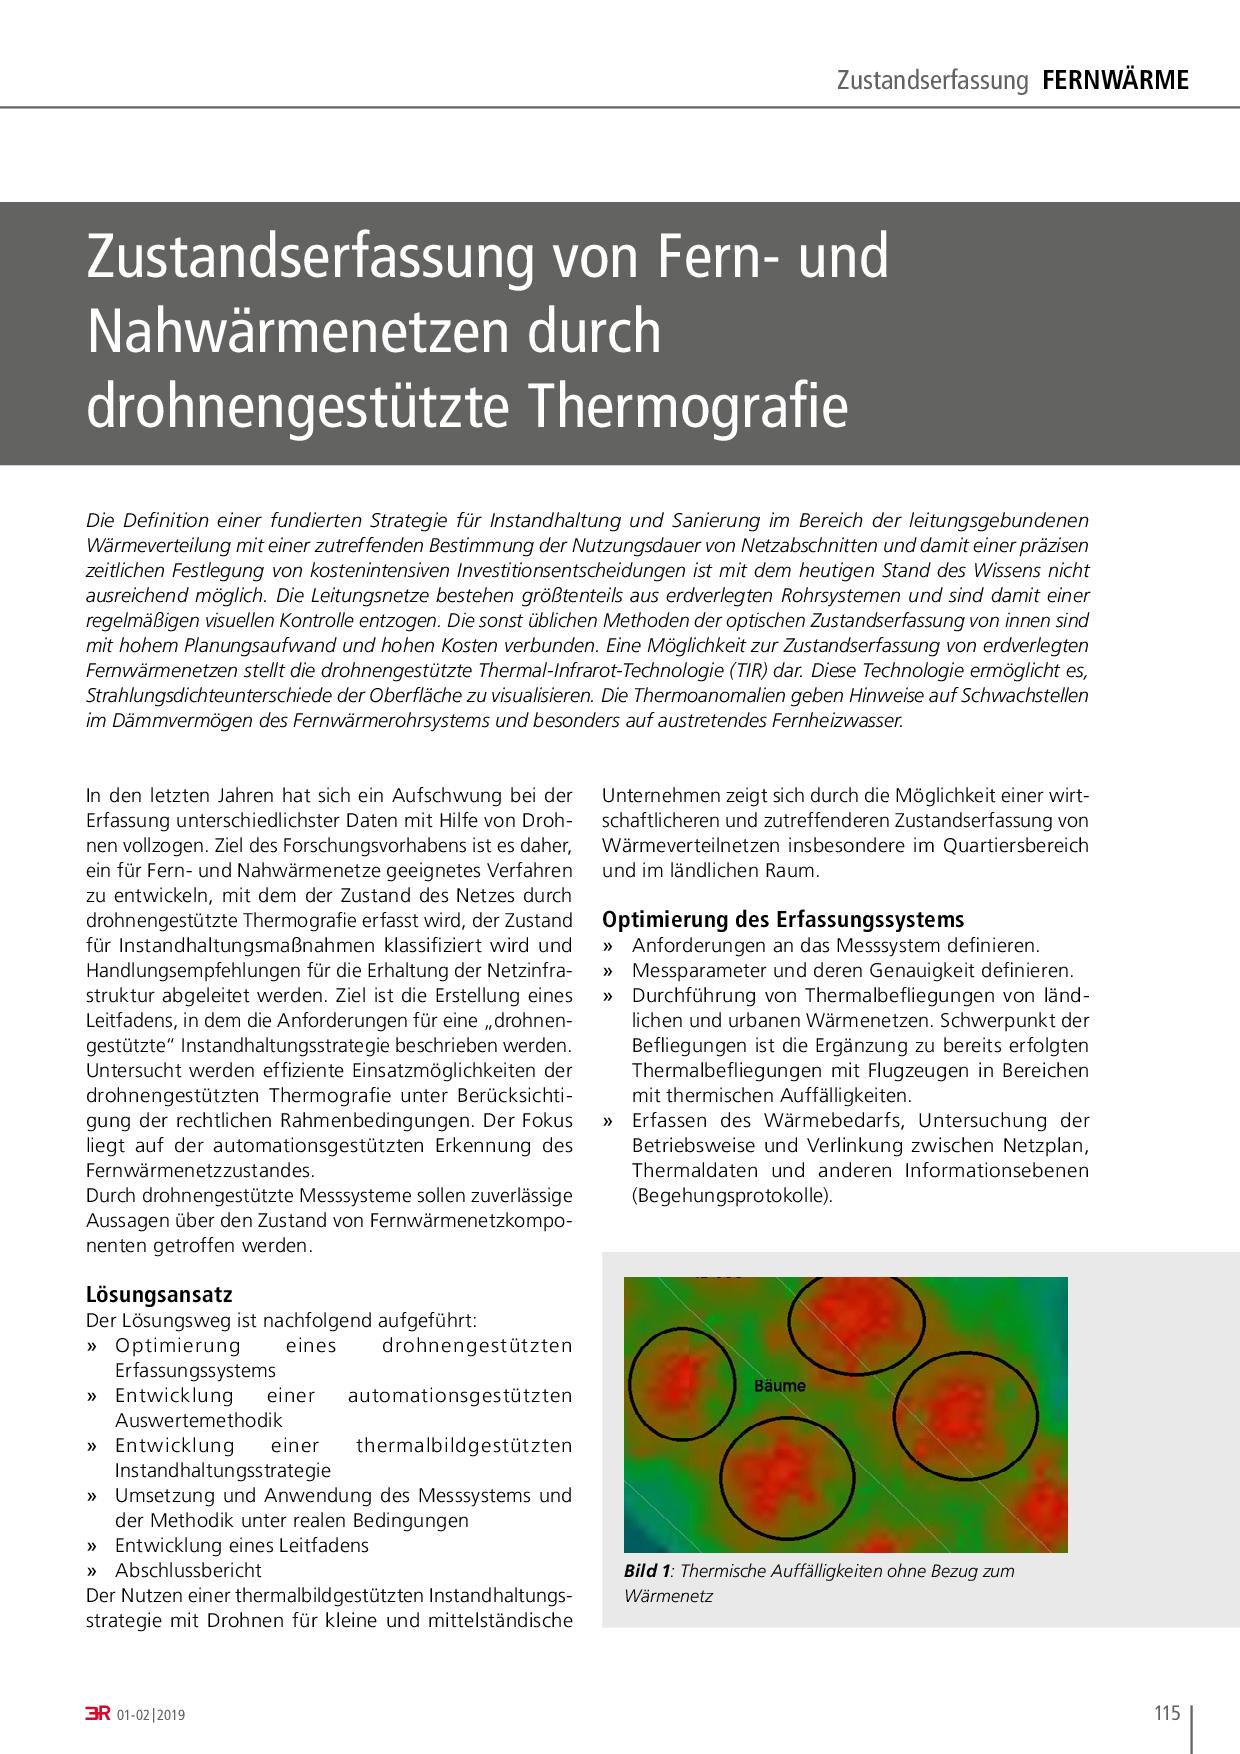 Zustandserfassung von Fern- und Nahwärmenetzen durch drohnengestützte Thermografie